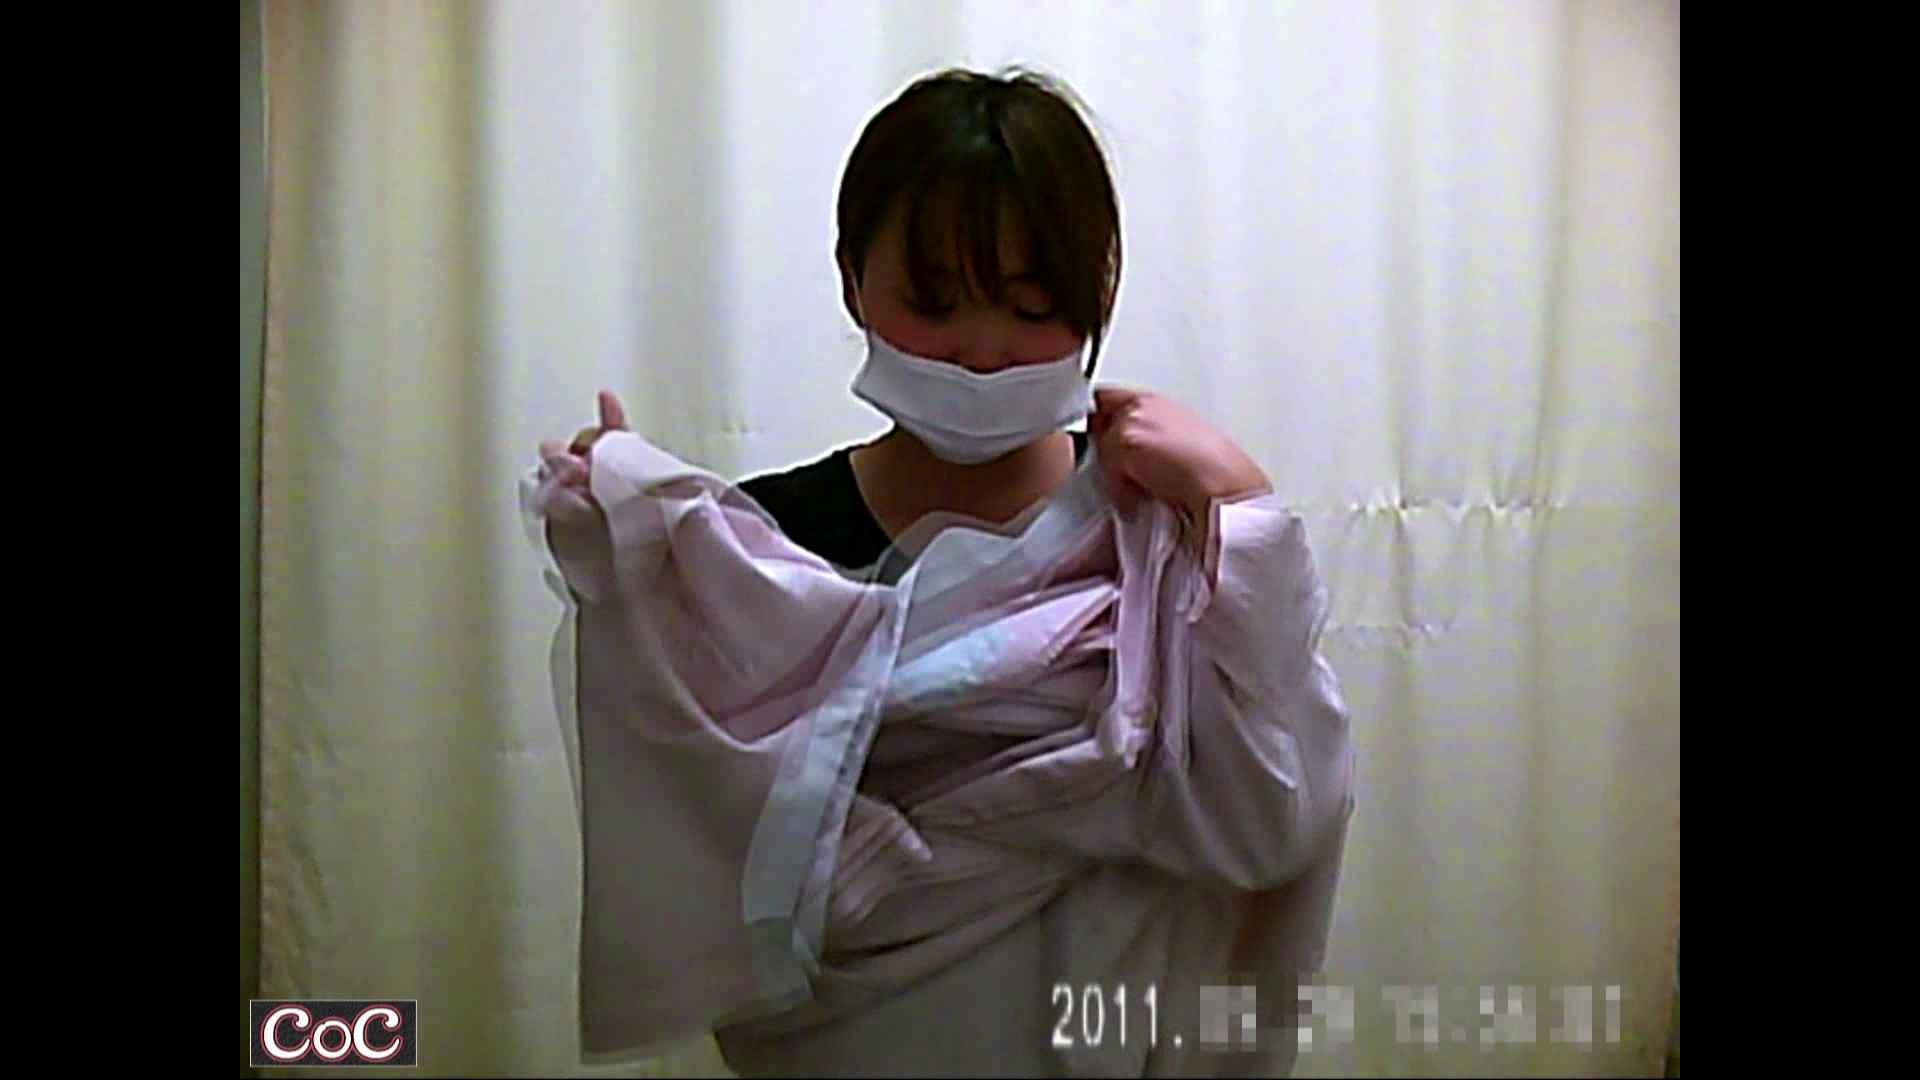 病院おもいっきり着替え! vol.42 おっぱい特集 オメコ無修正動画無料 99pic 66